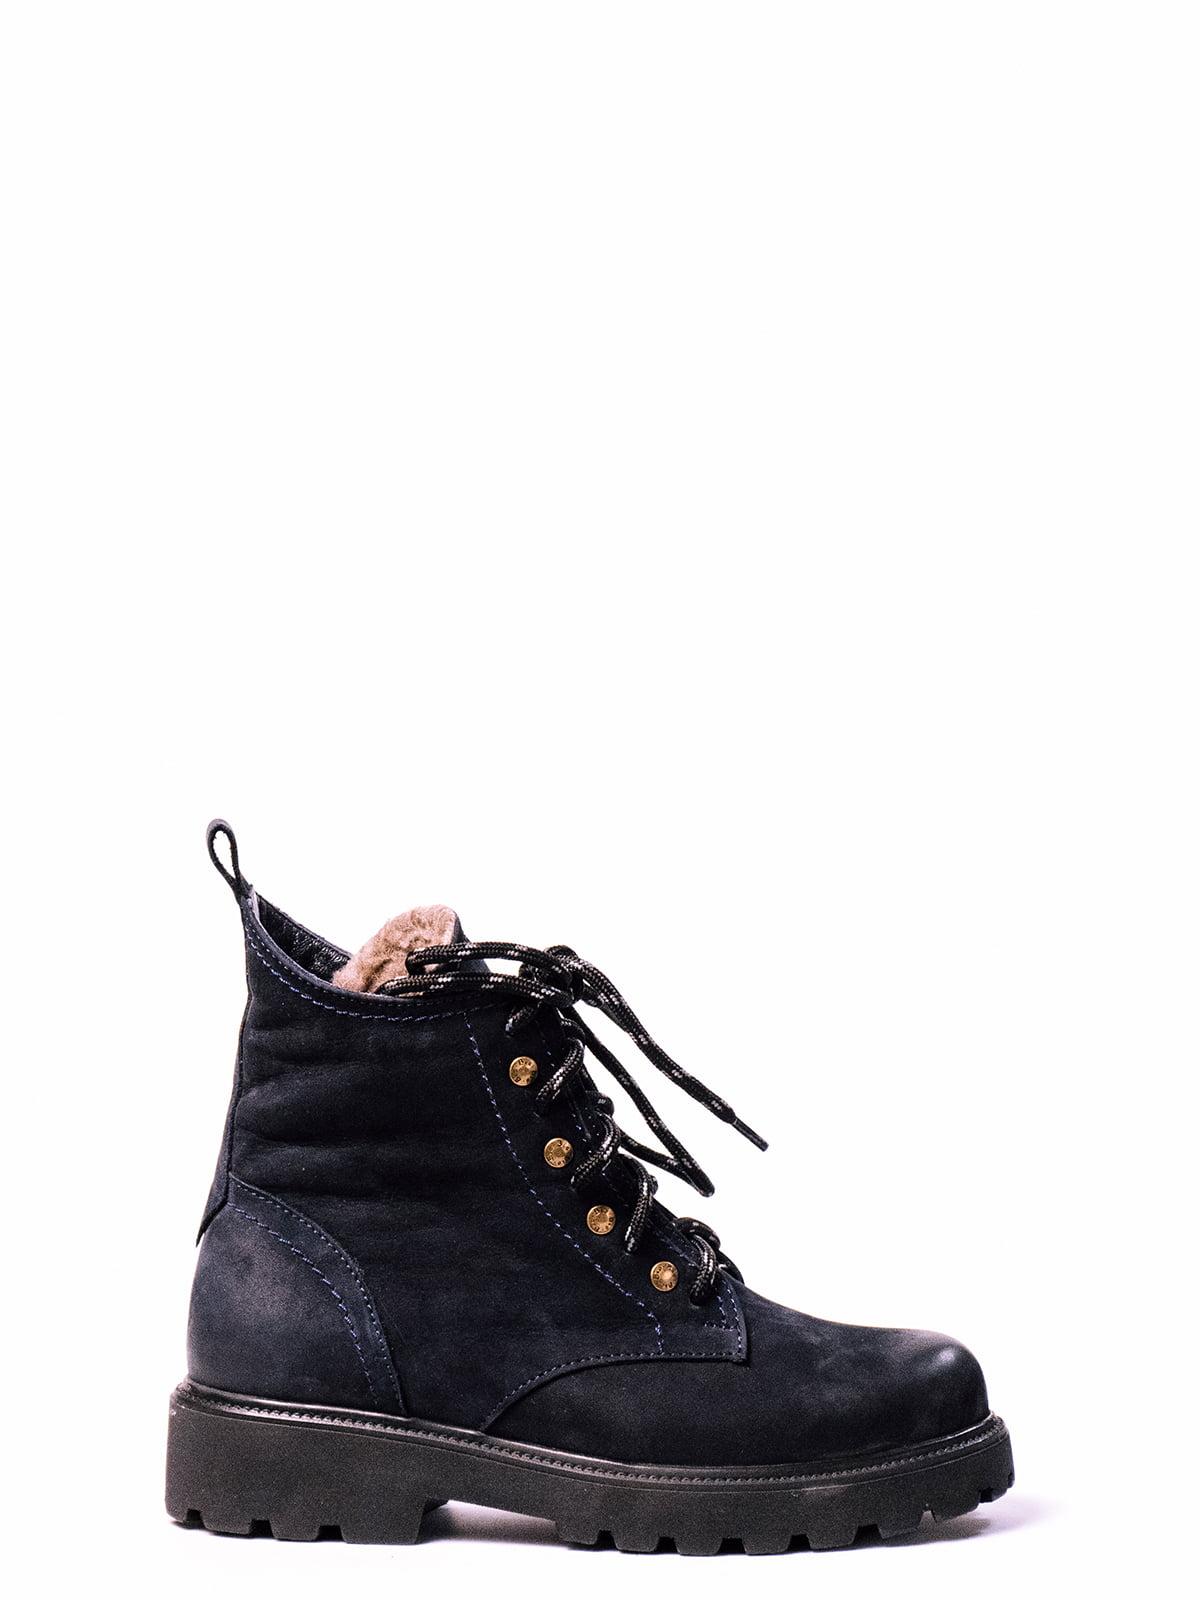 Ботинки синие | 4860384 | фото 2